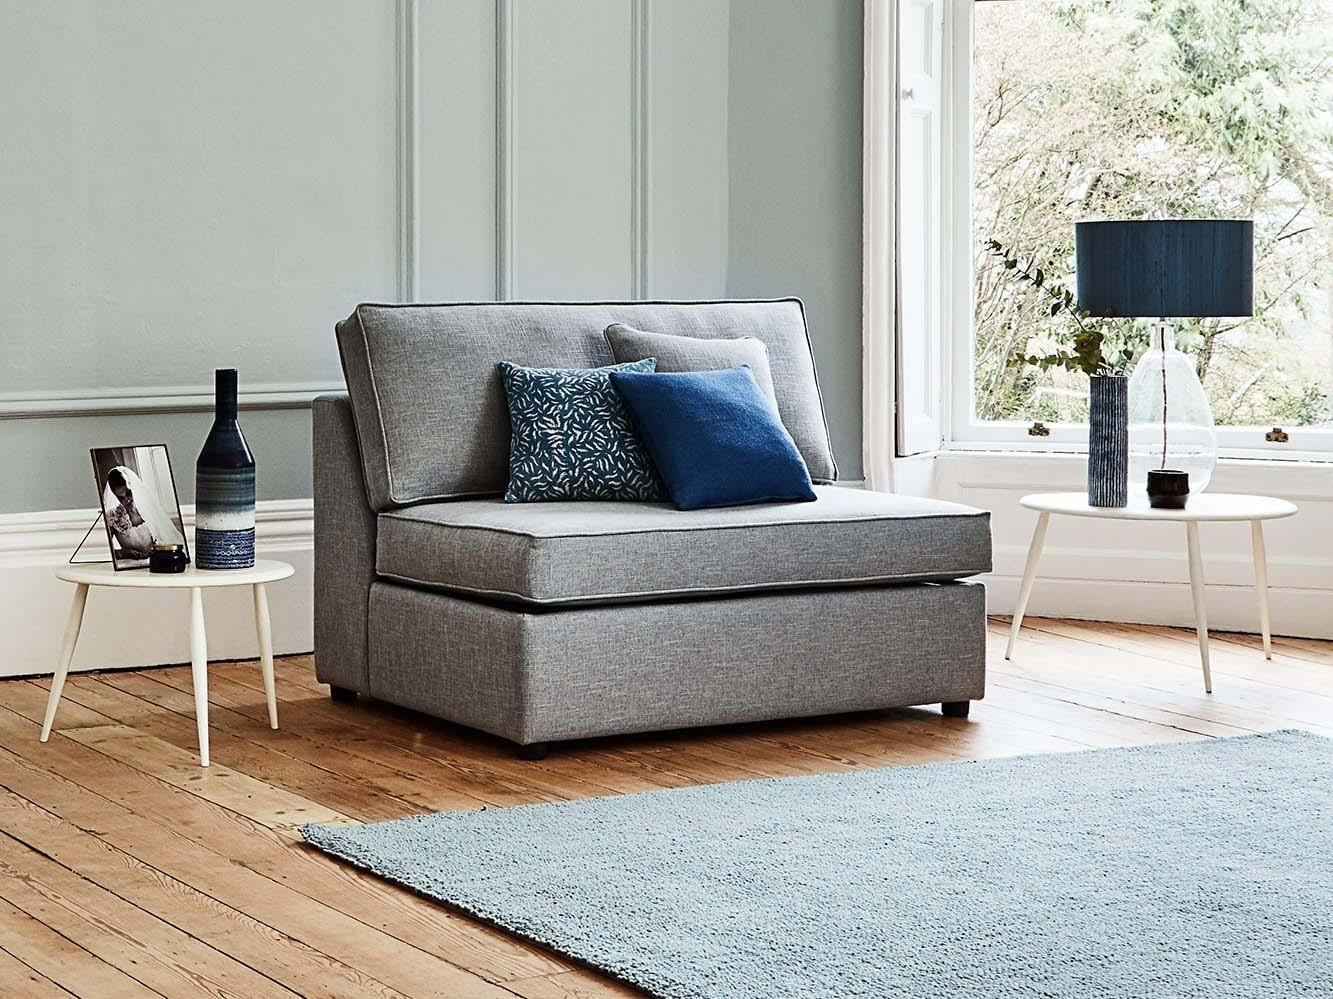 16e756aeb432 The Ablington 1 Module Sofa Bed